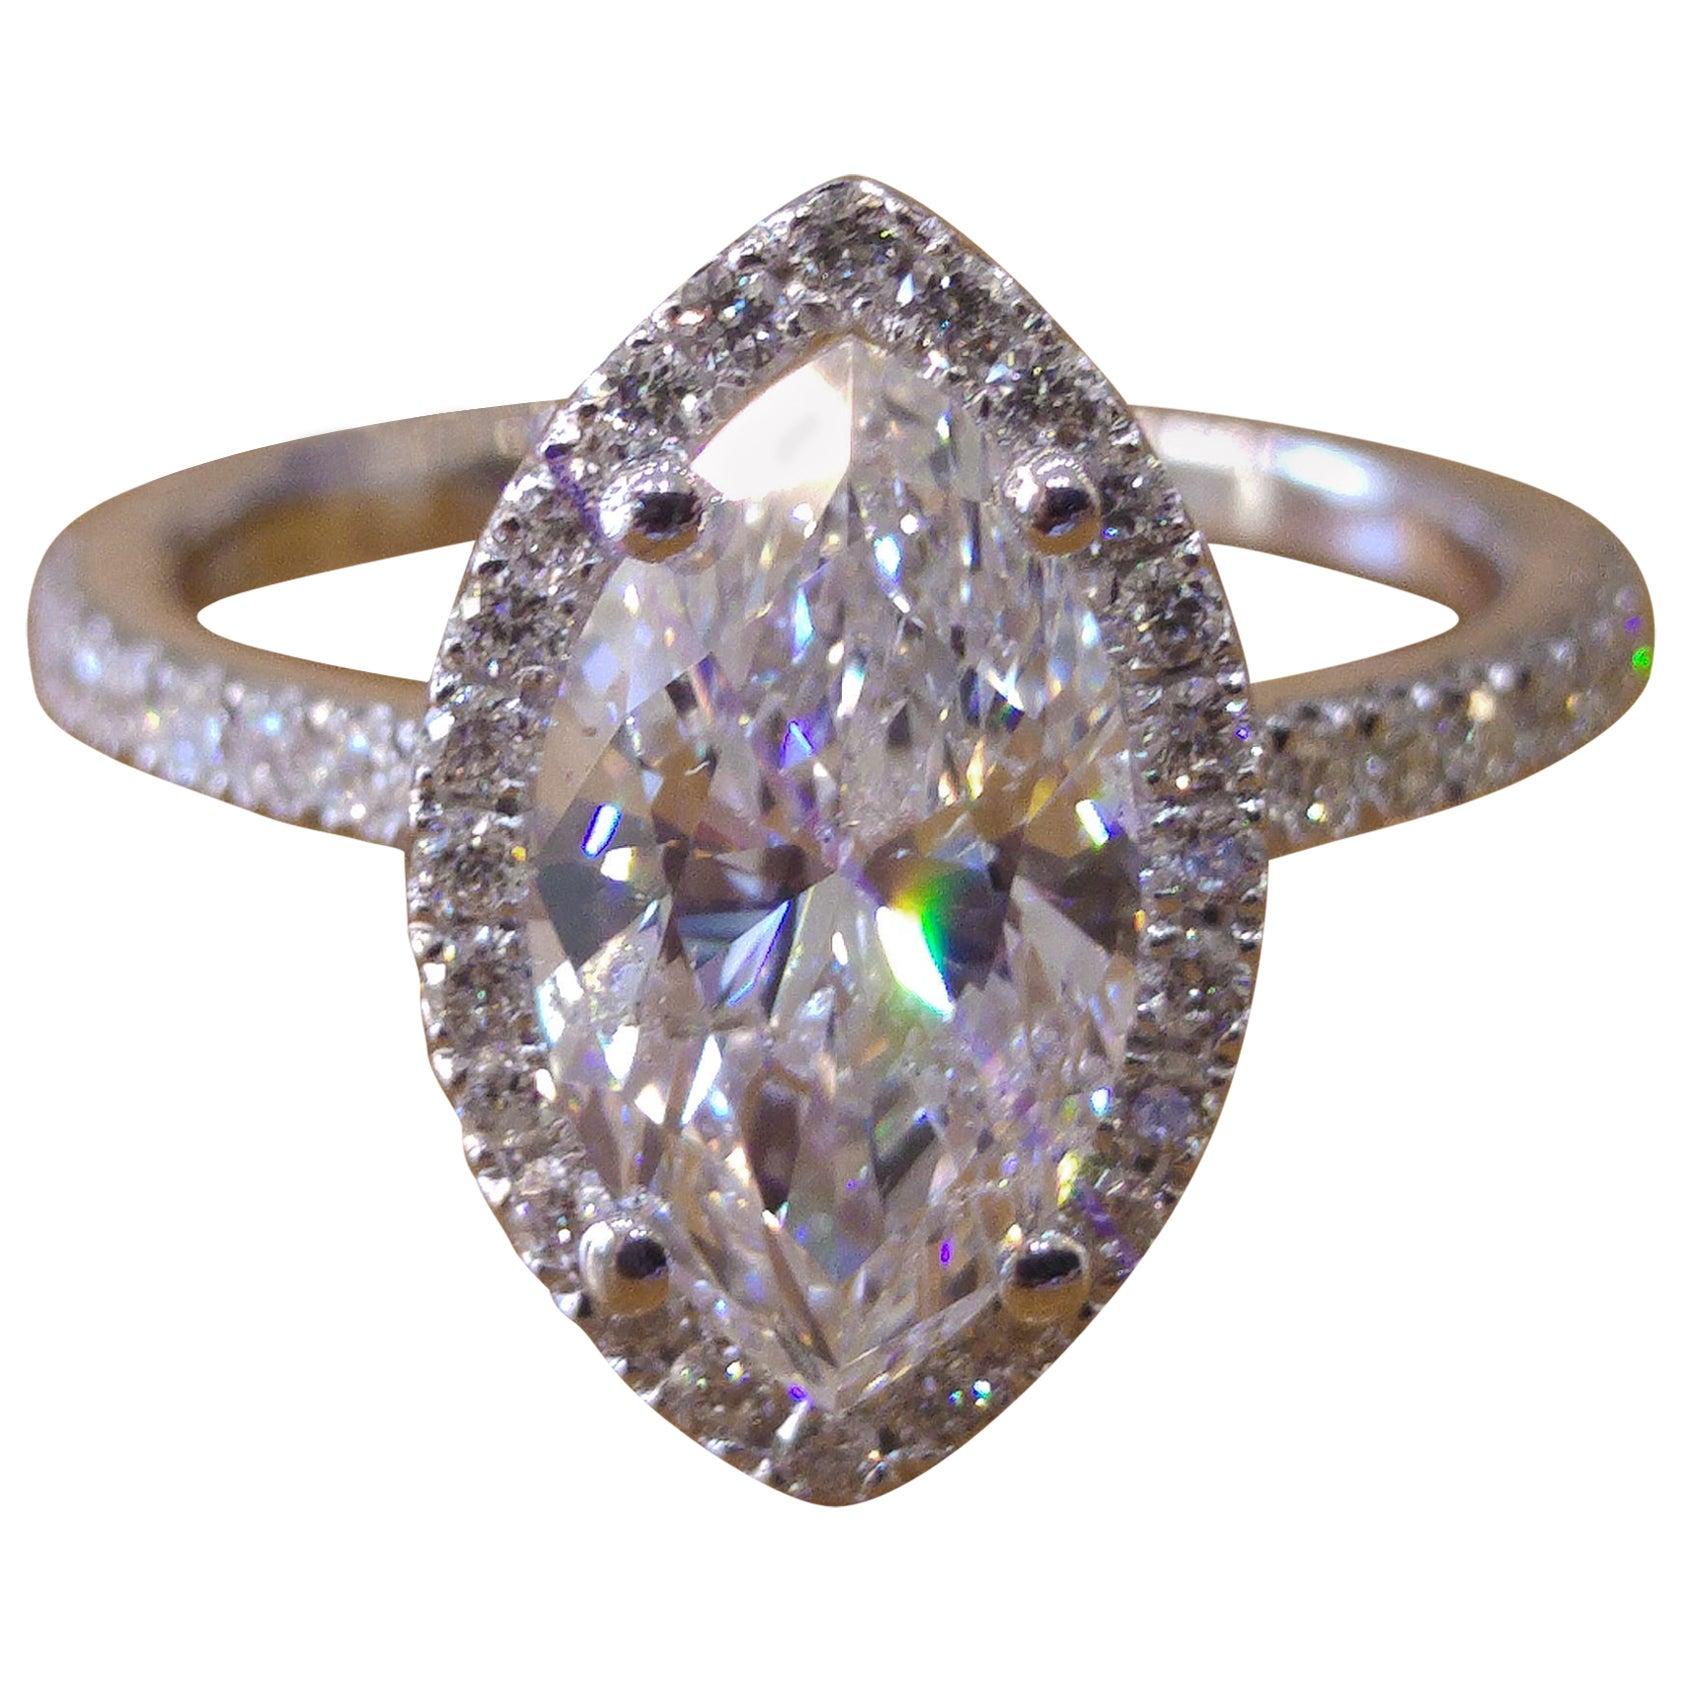 1 1/2 Carat 14 Karat White Gold Marquise Engagement Ring